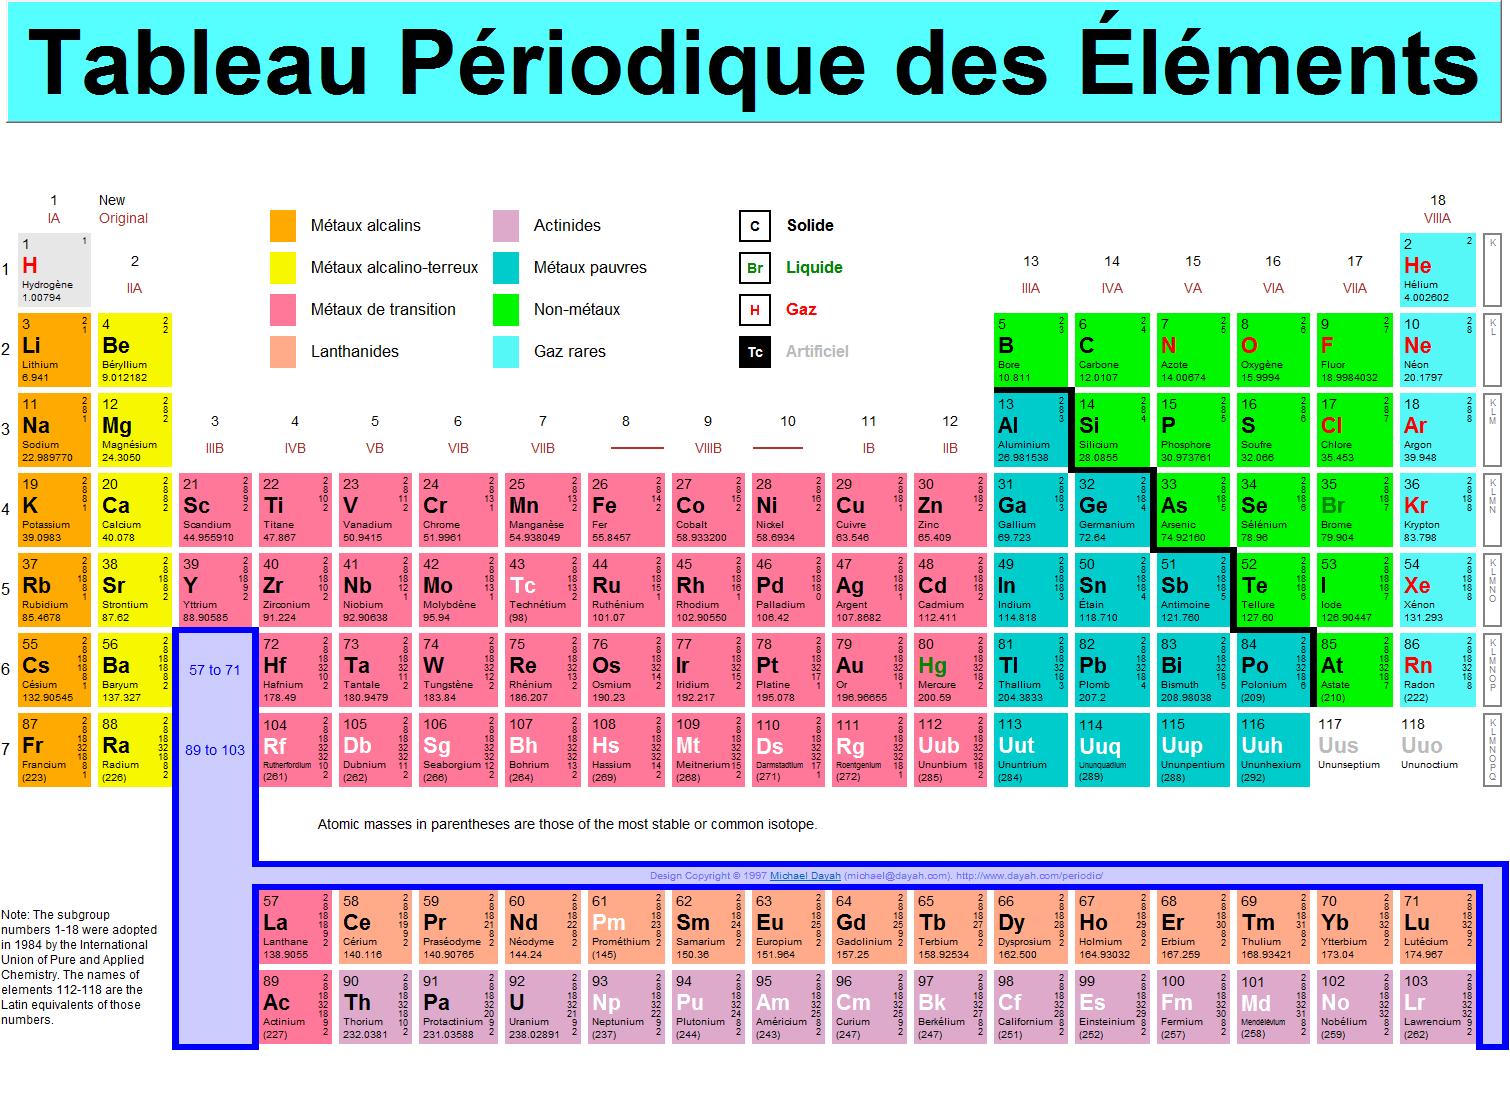 Examenfinalbloc7 unit 1 chapitre 2 for K tableau periodique